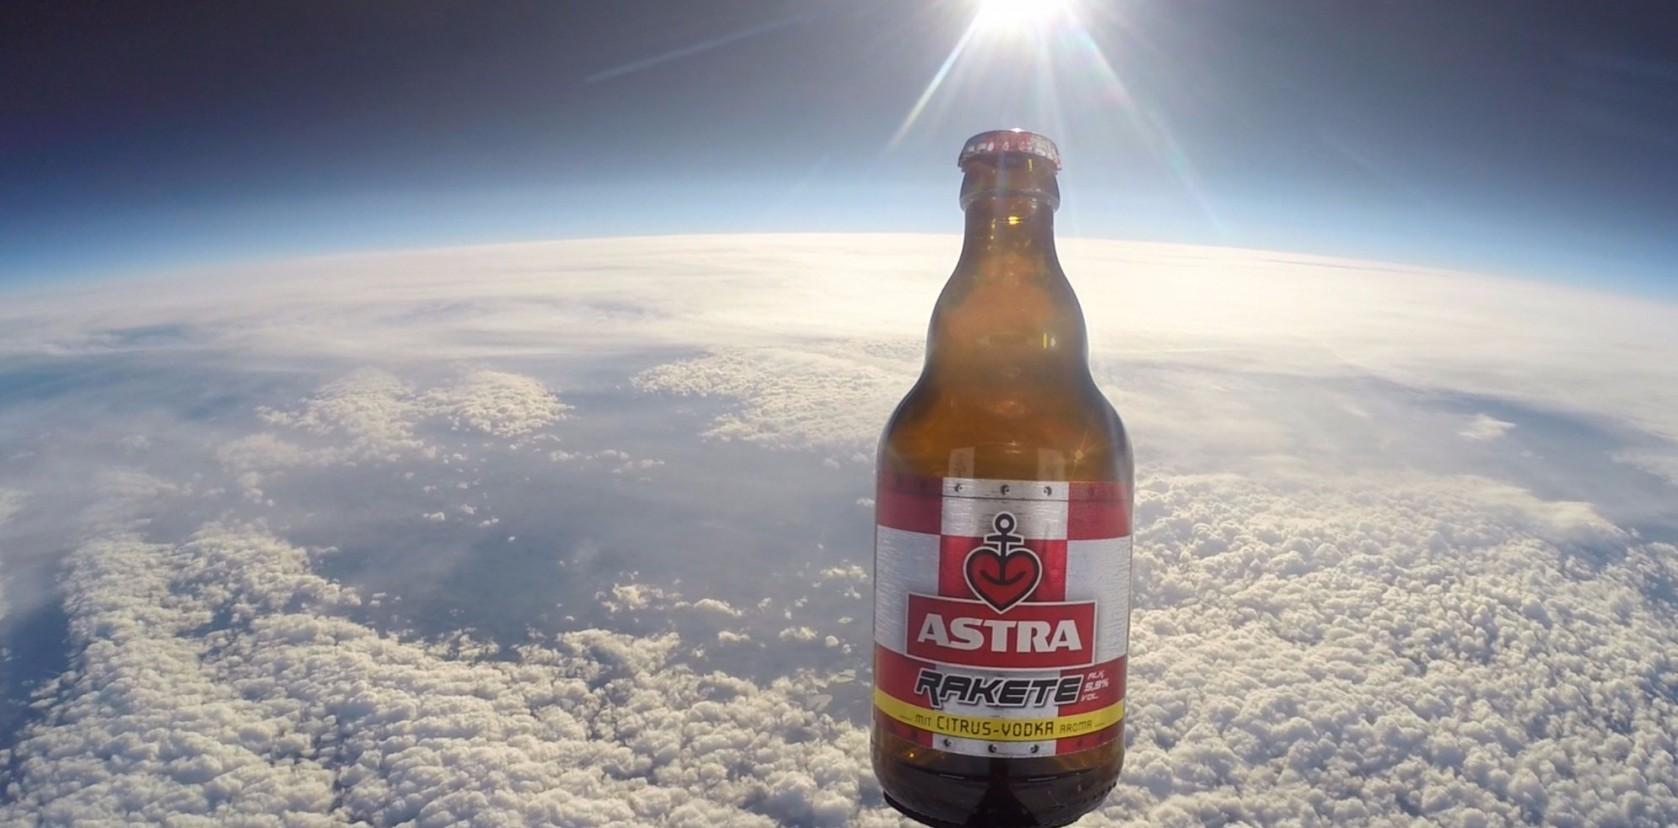 Astra Rakete Launch